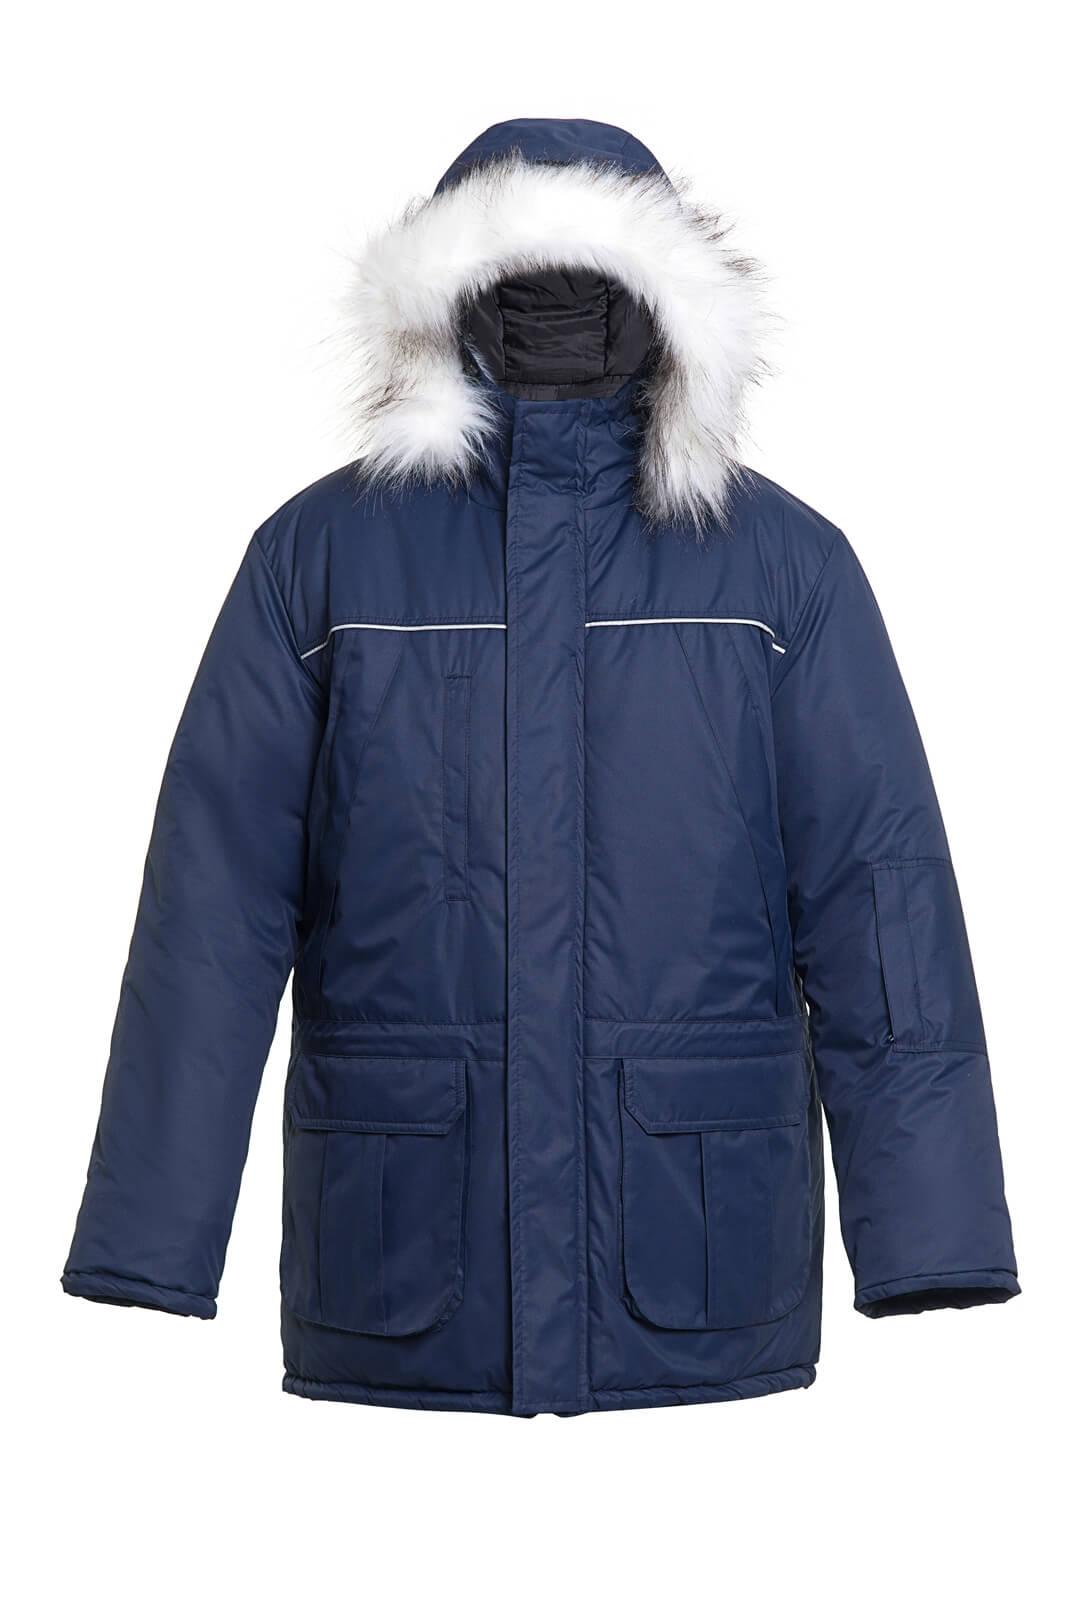 Куртка зимняя для руководителей и ИТР - VT STYLE